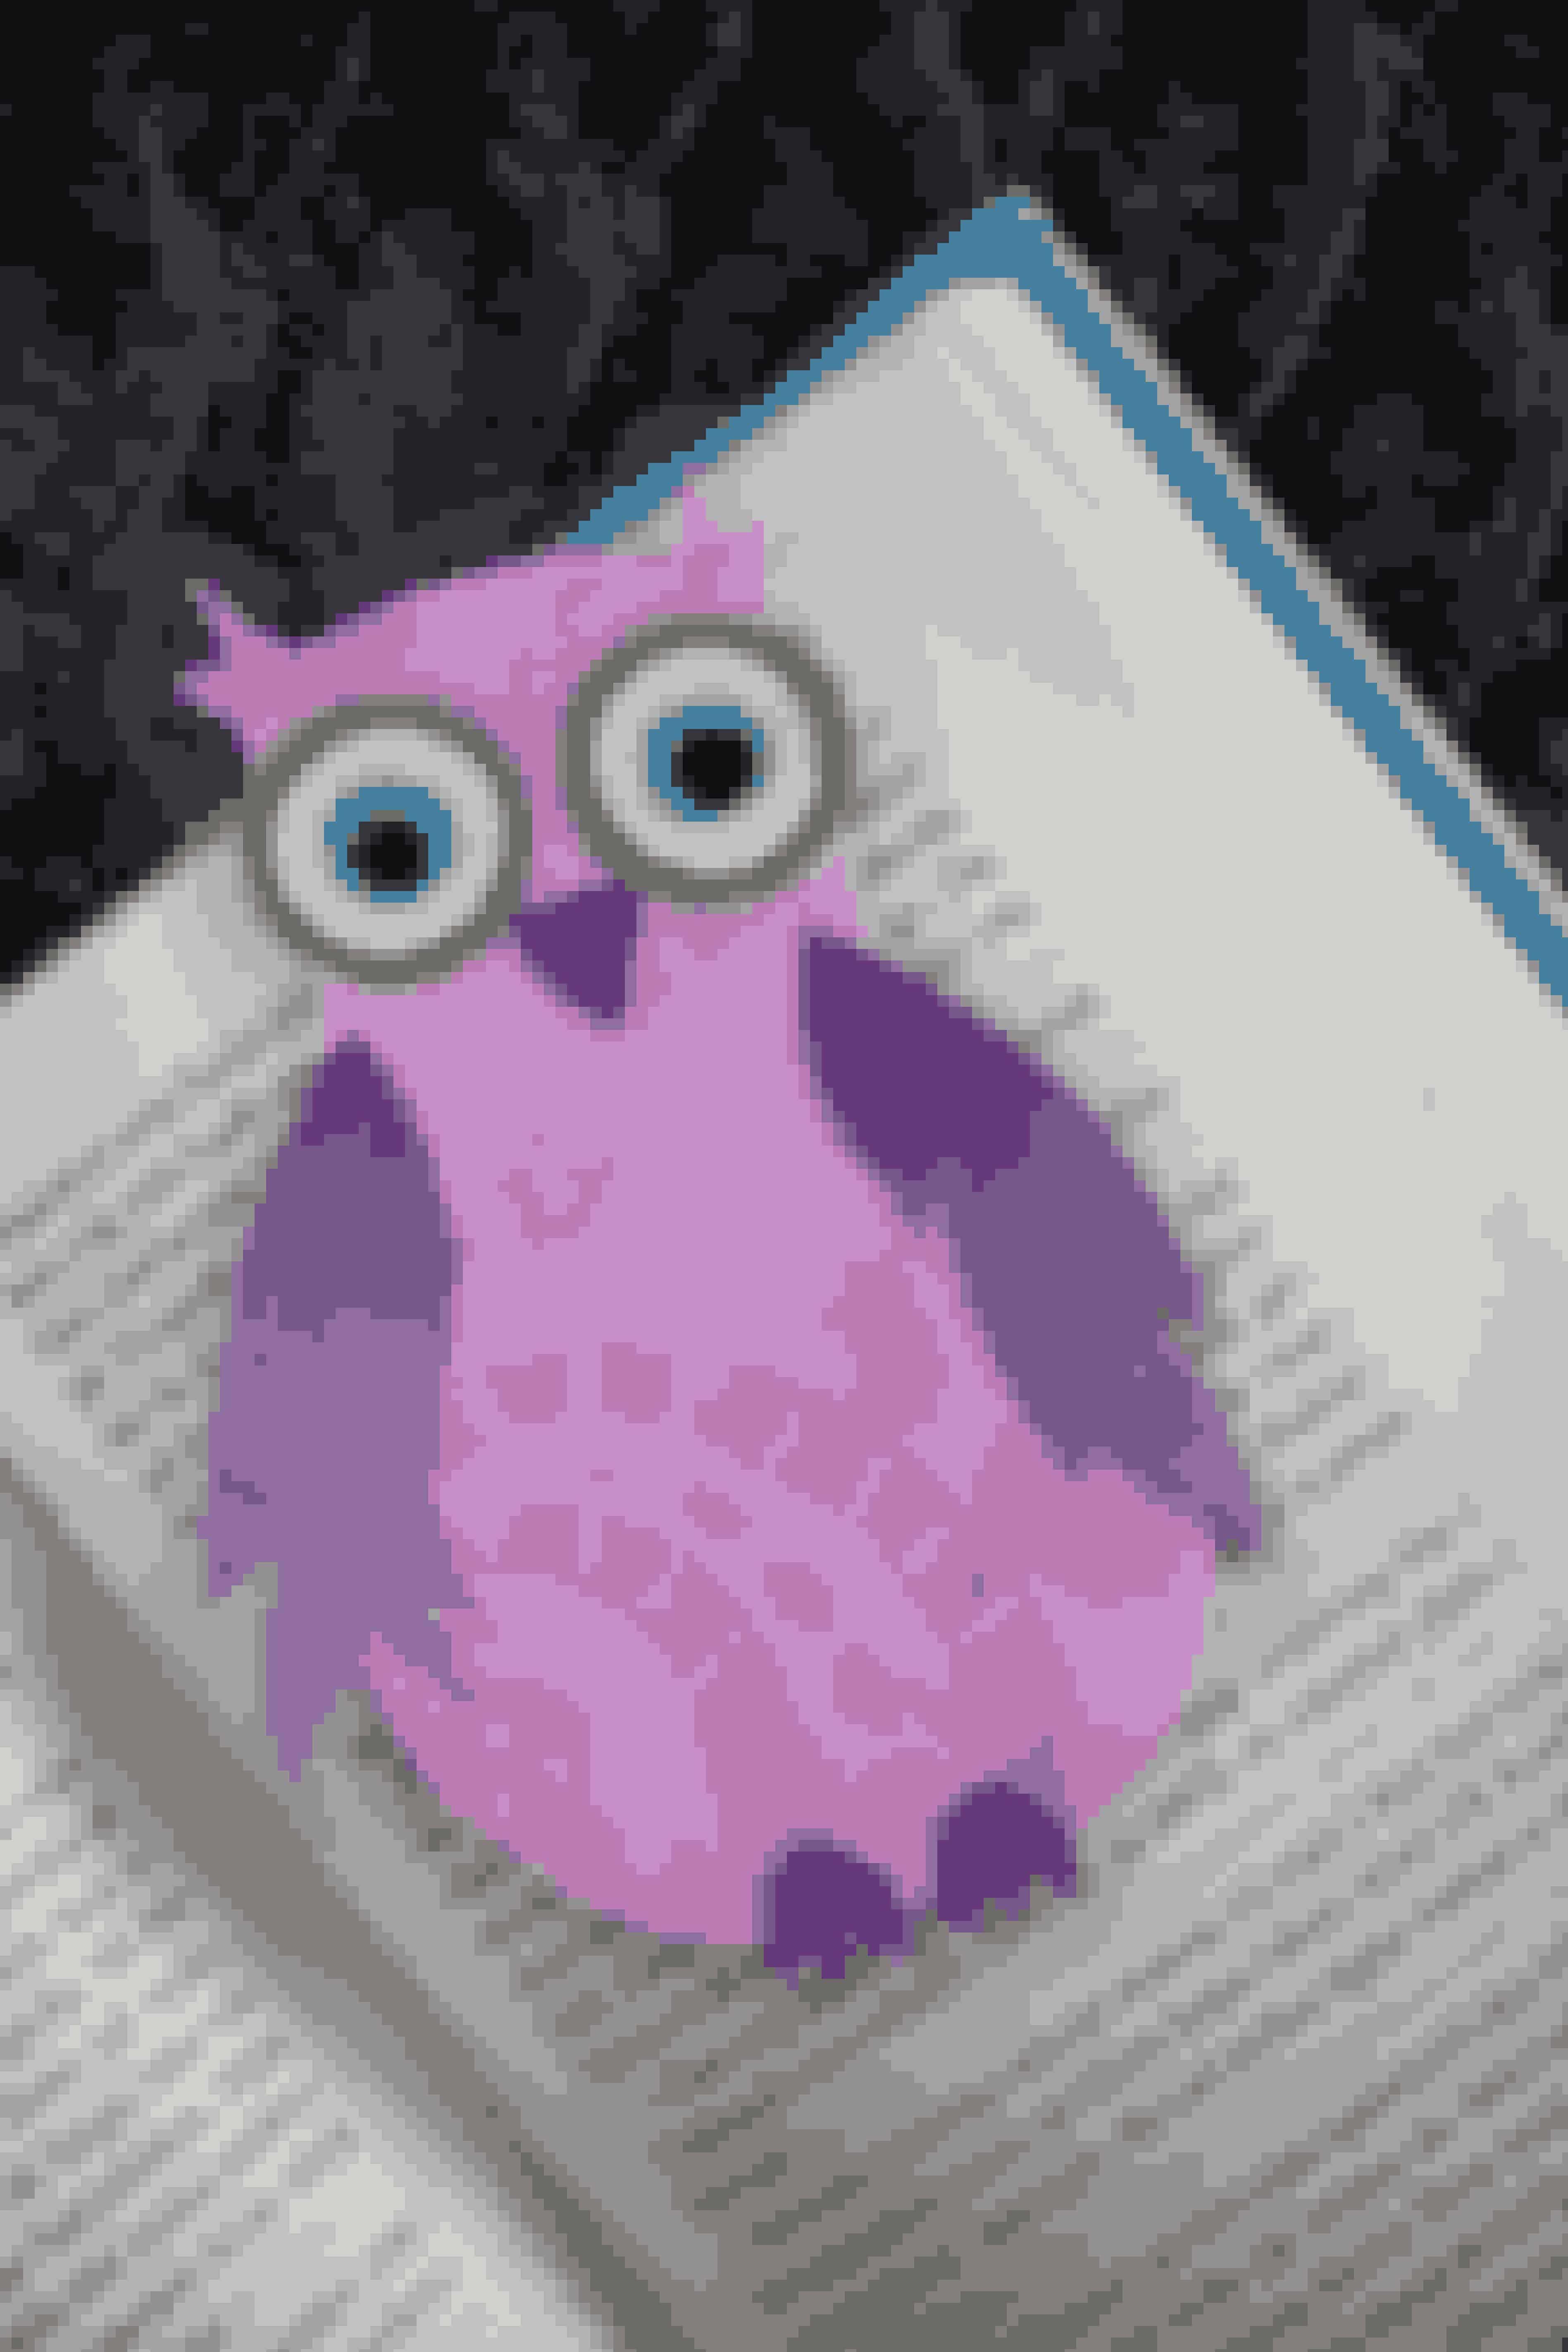 Lav et fint bogmærke formet som en ugle eller et sødt ugle-postkort - se opskriften her